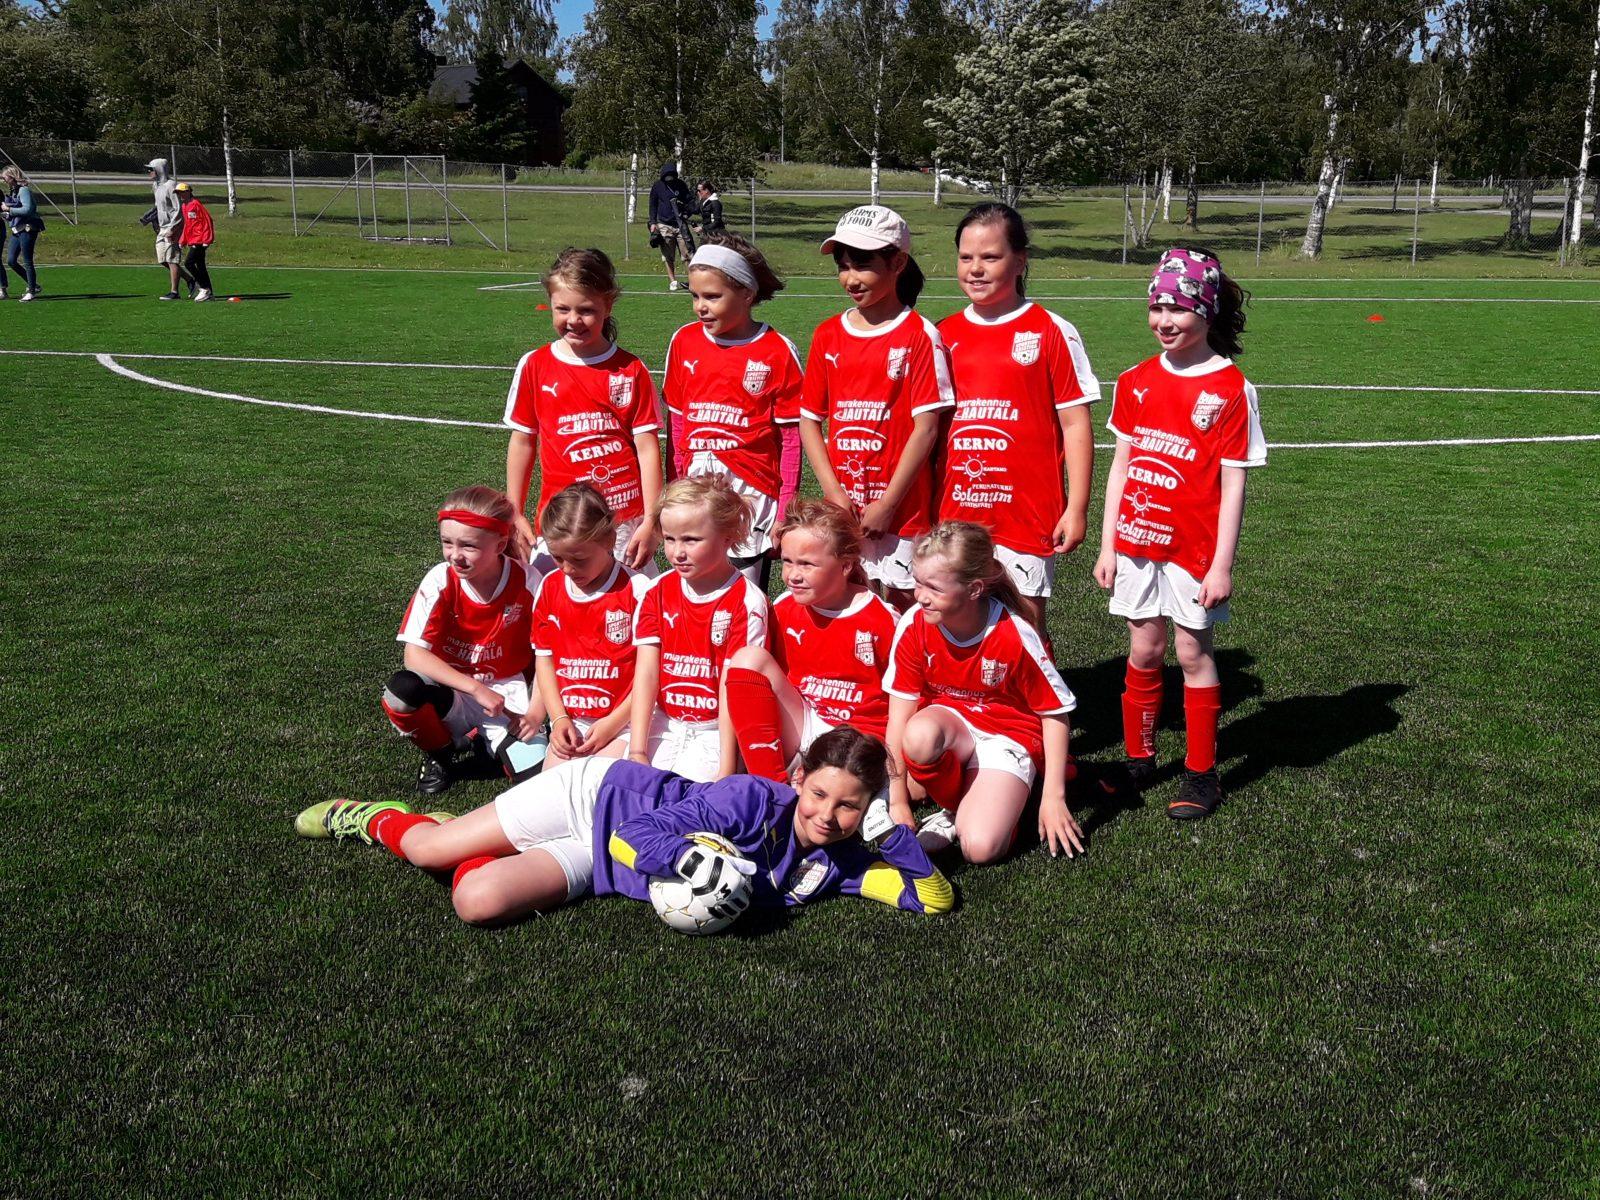 T9 pelaavat kaksi viimeistä sarjaotteluaan vieraskentällä Jalasjärvellä 25.8.2019